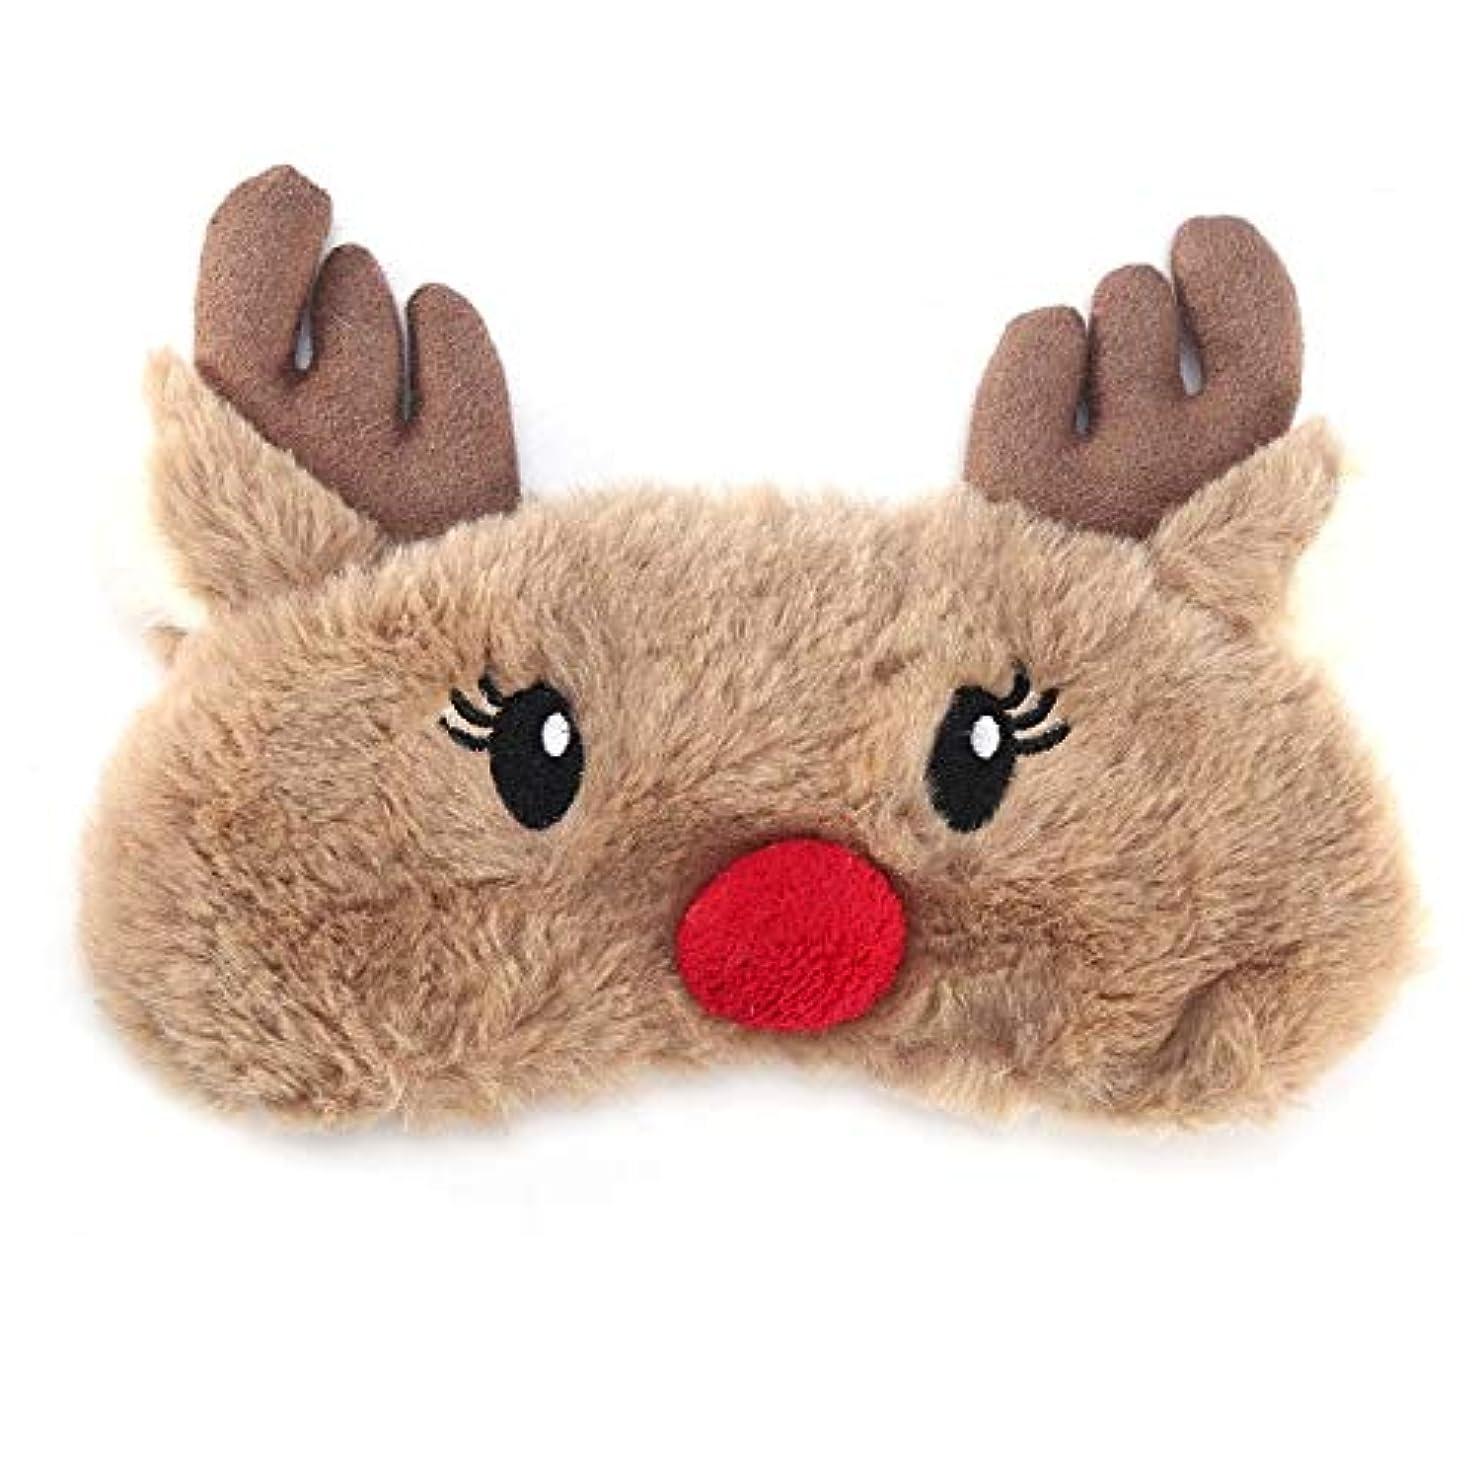 申込みハンカチ矢NOTE かわいいアニマルアイカバースリーピングマスクアイパッチ包帯目隠しクリスマス鹿冬漫画昼寝アイシェードぬいぐるみスリーピングマスク